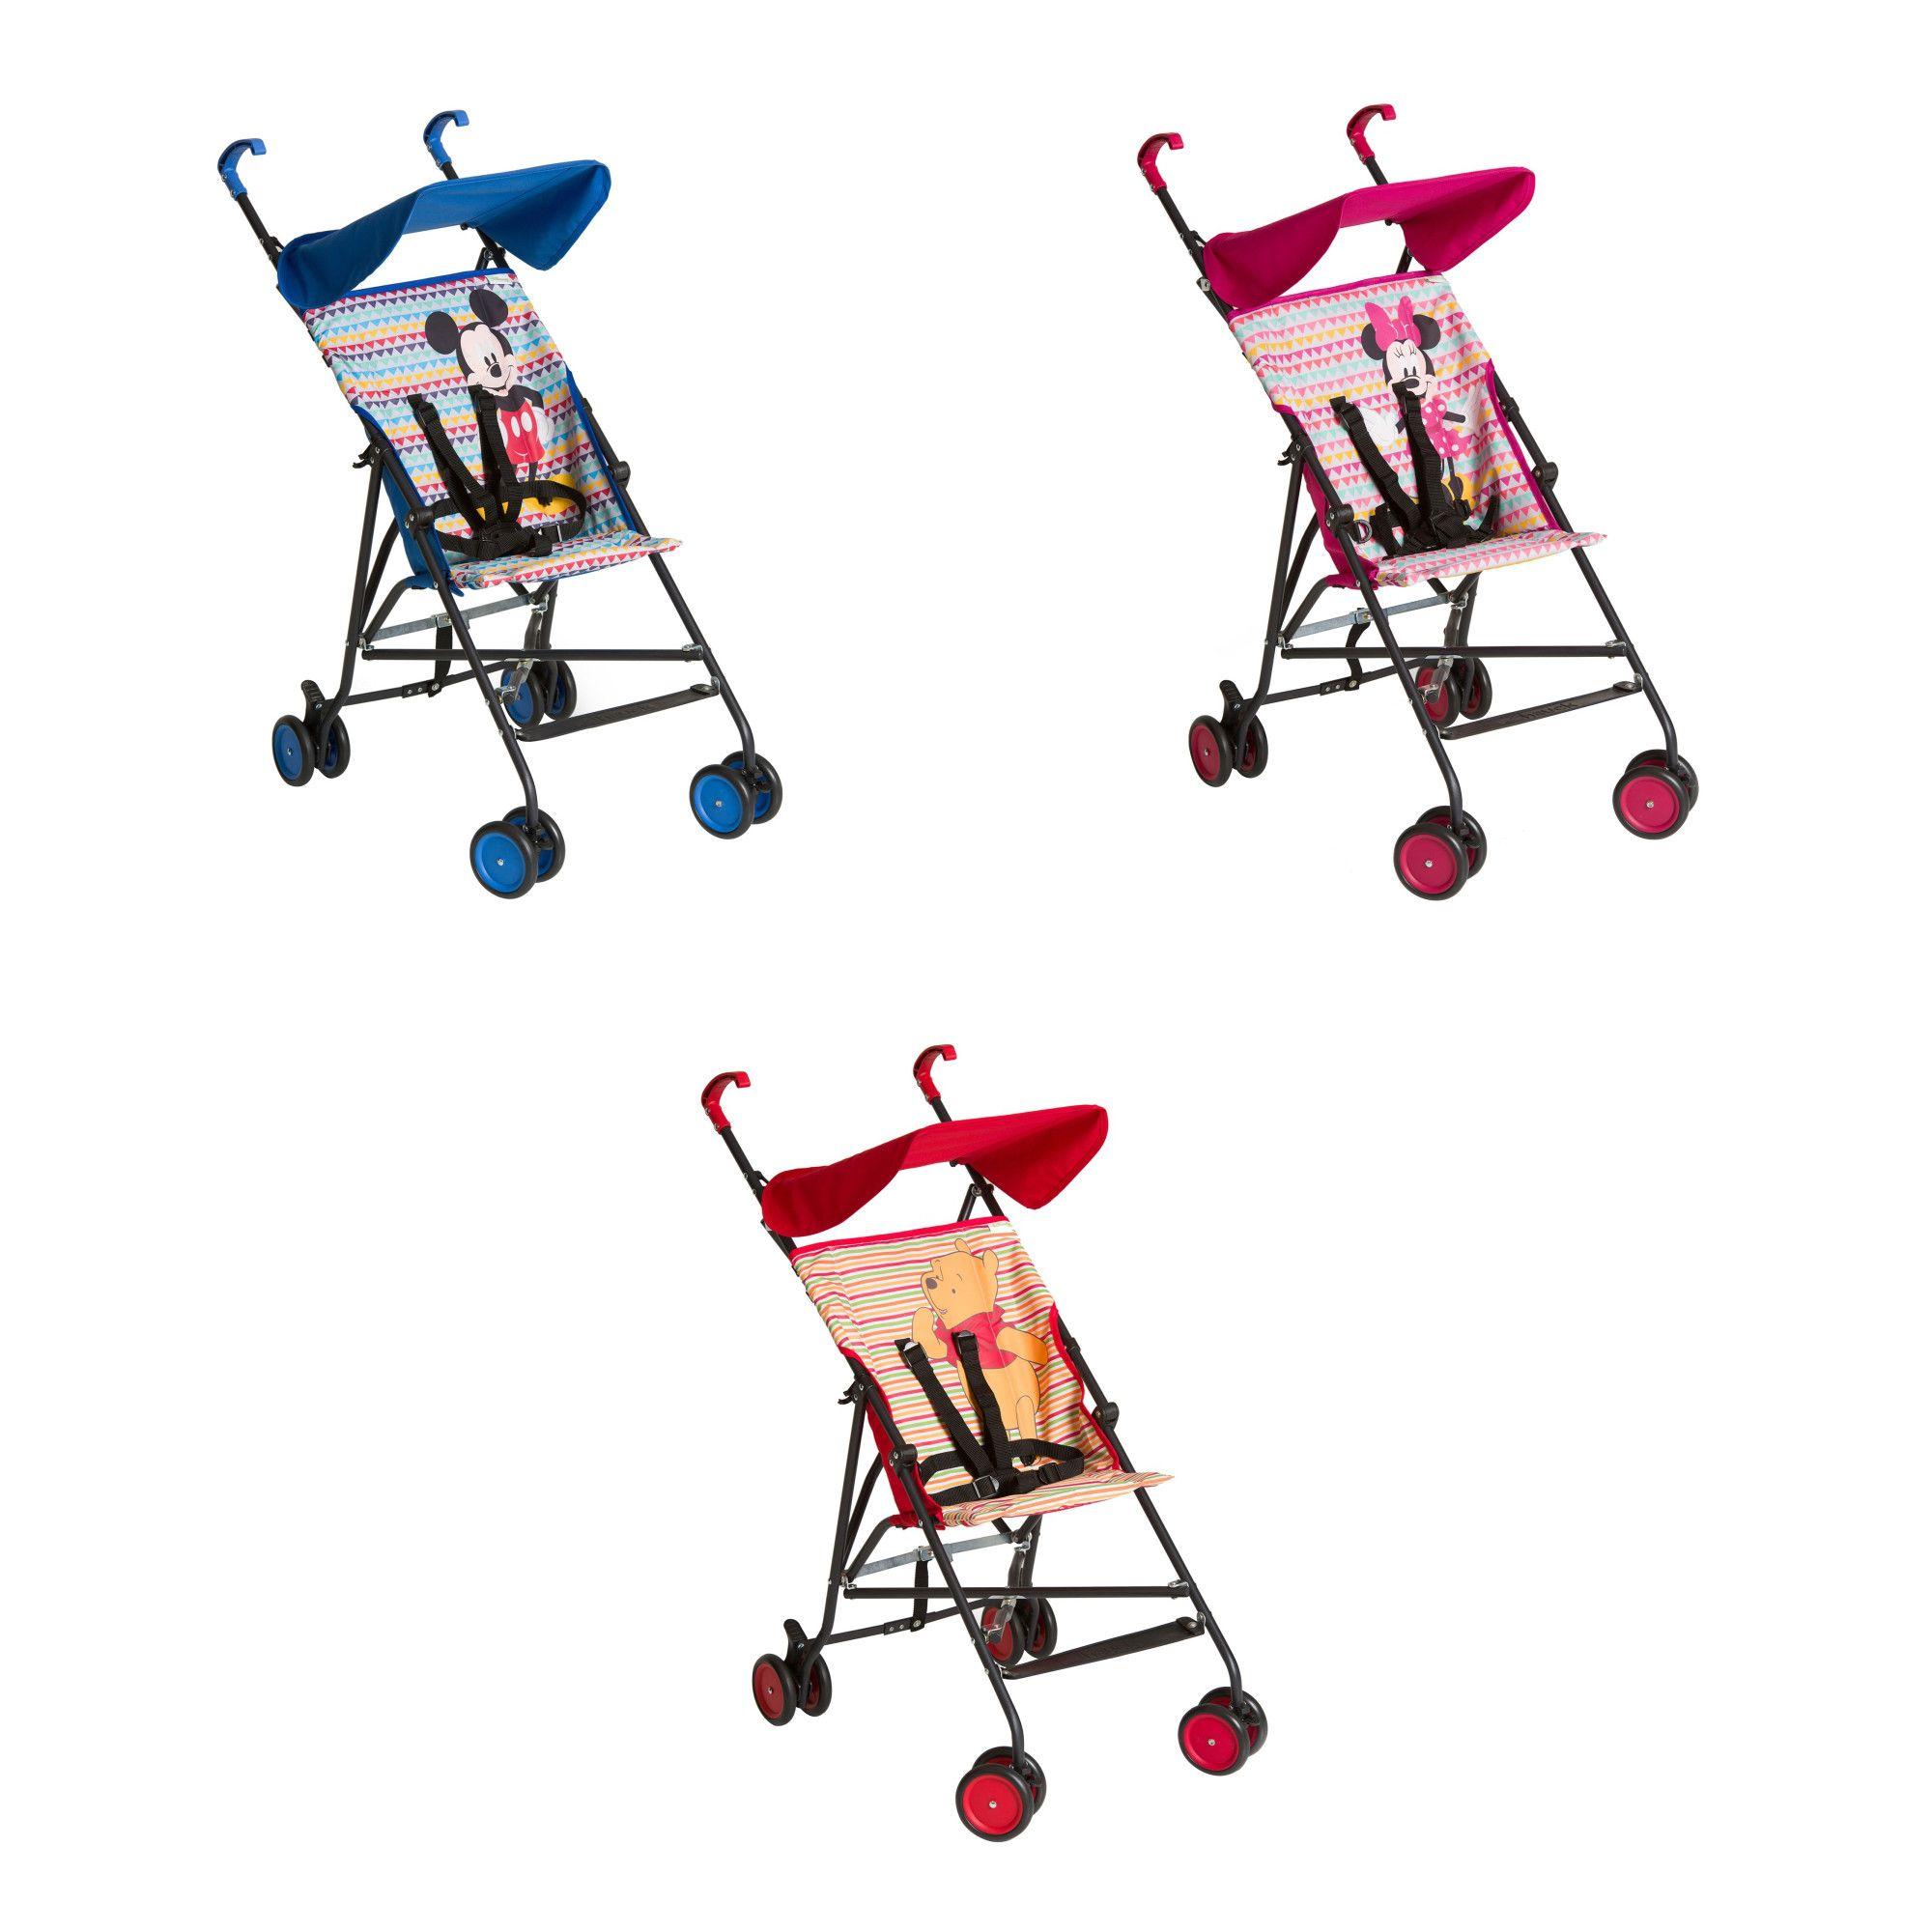 Hauck Disney Sun Plus Buggy Kinderwagen Buggy Mit Sonnendach 6 Monate Bis 15kg Ebay